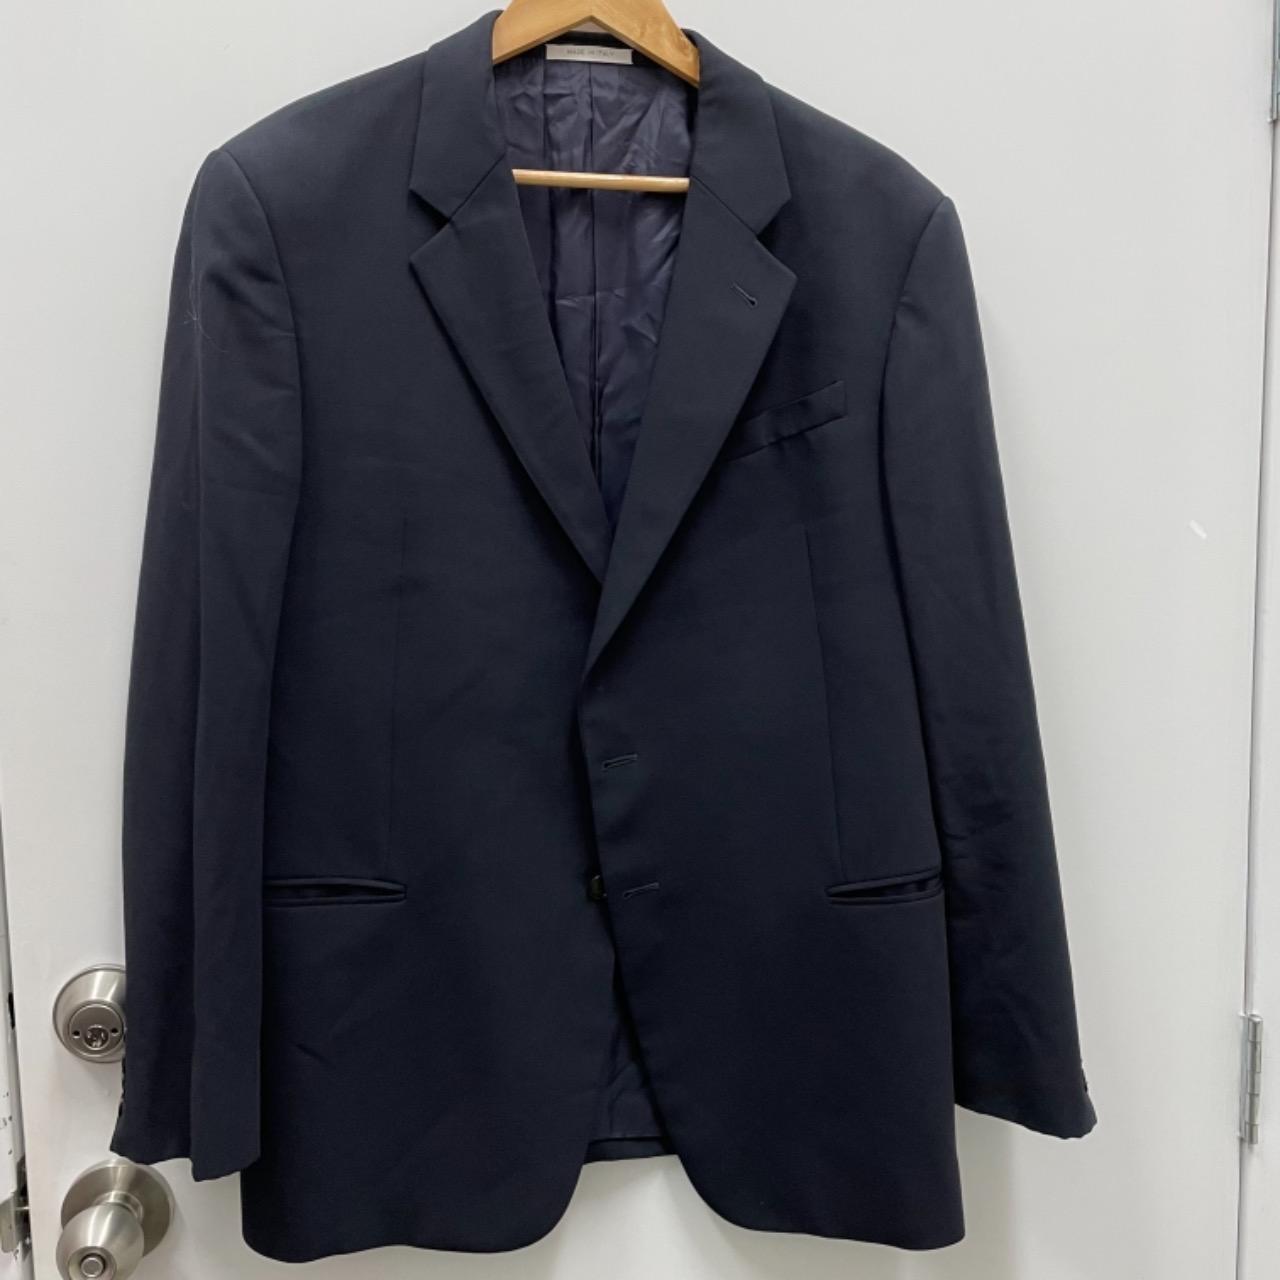 Armani Mens Suit Size 56 R Navy Blue